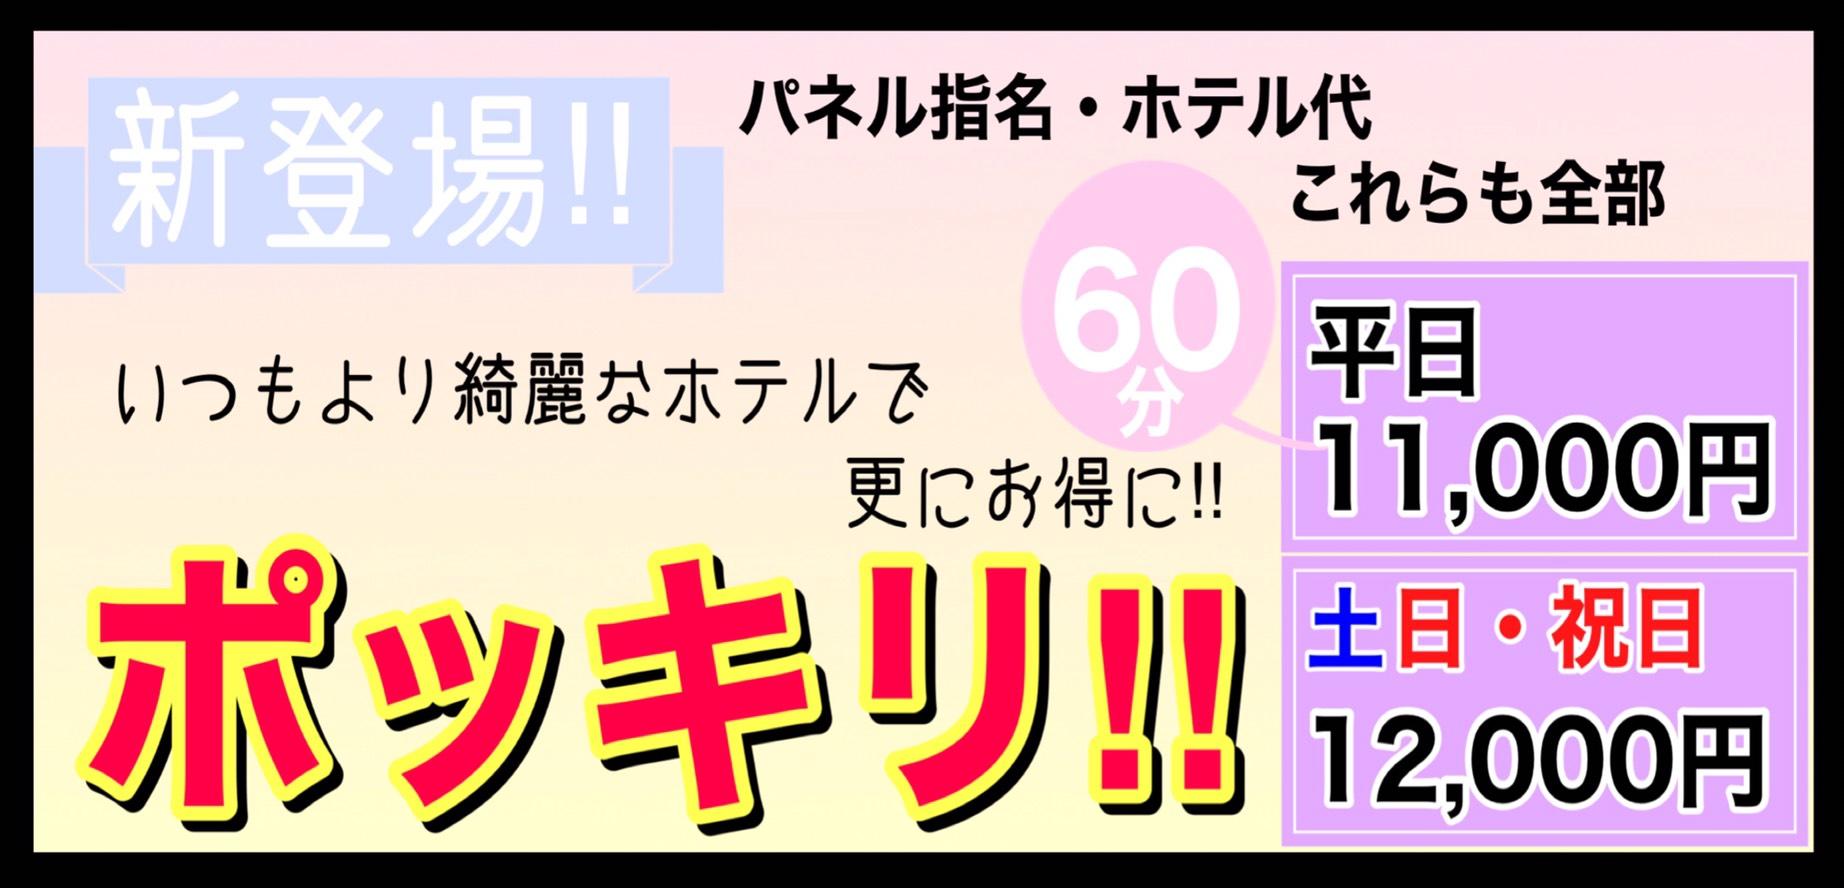 鹿児島IC超限定コース